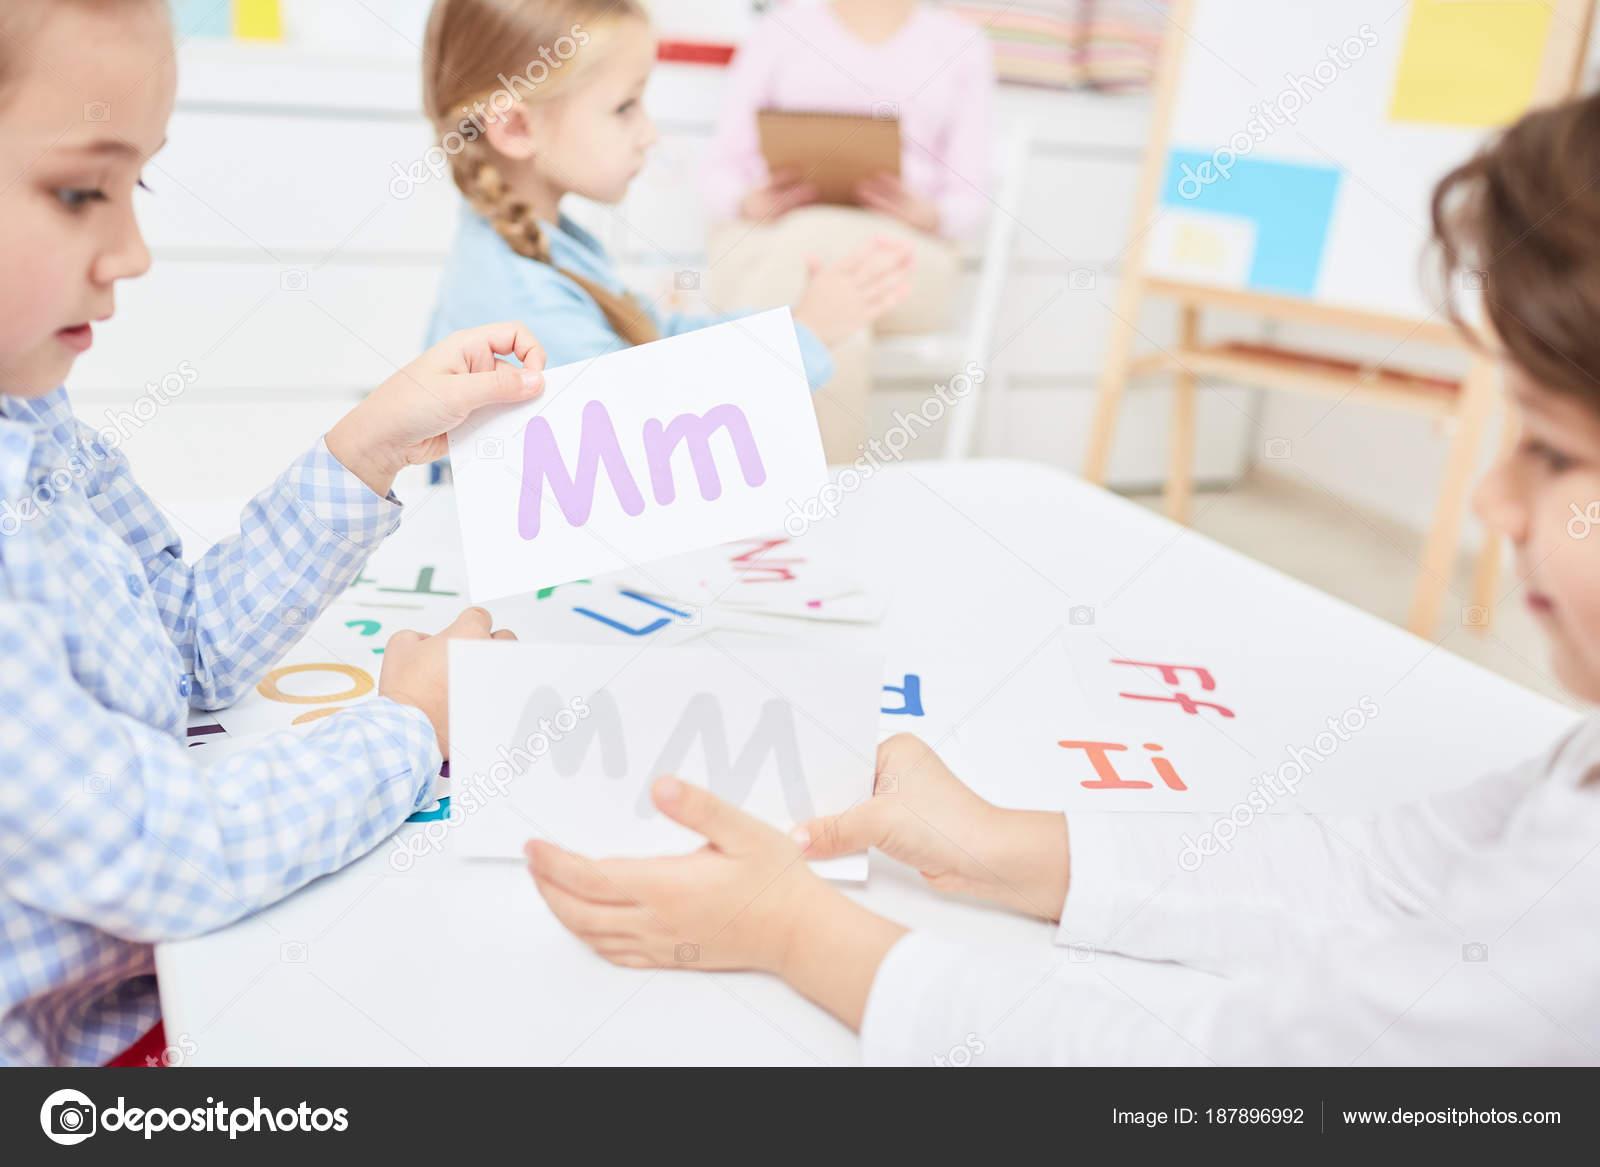 Zwei Kinder Wählen Papierkarten Mit Lateinischen Buchstaben Während ...